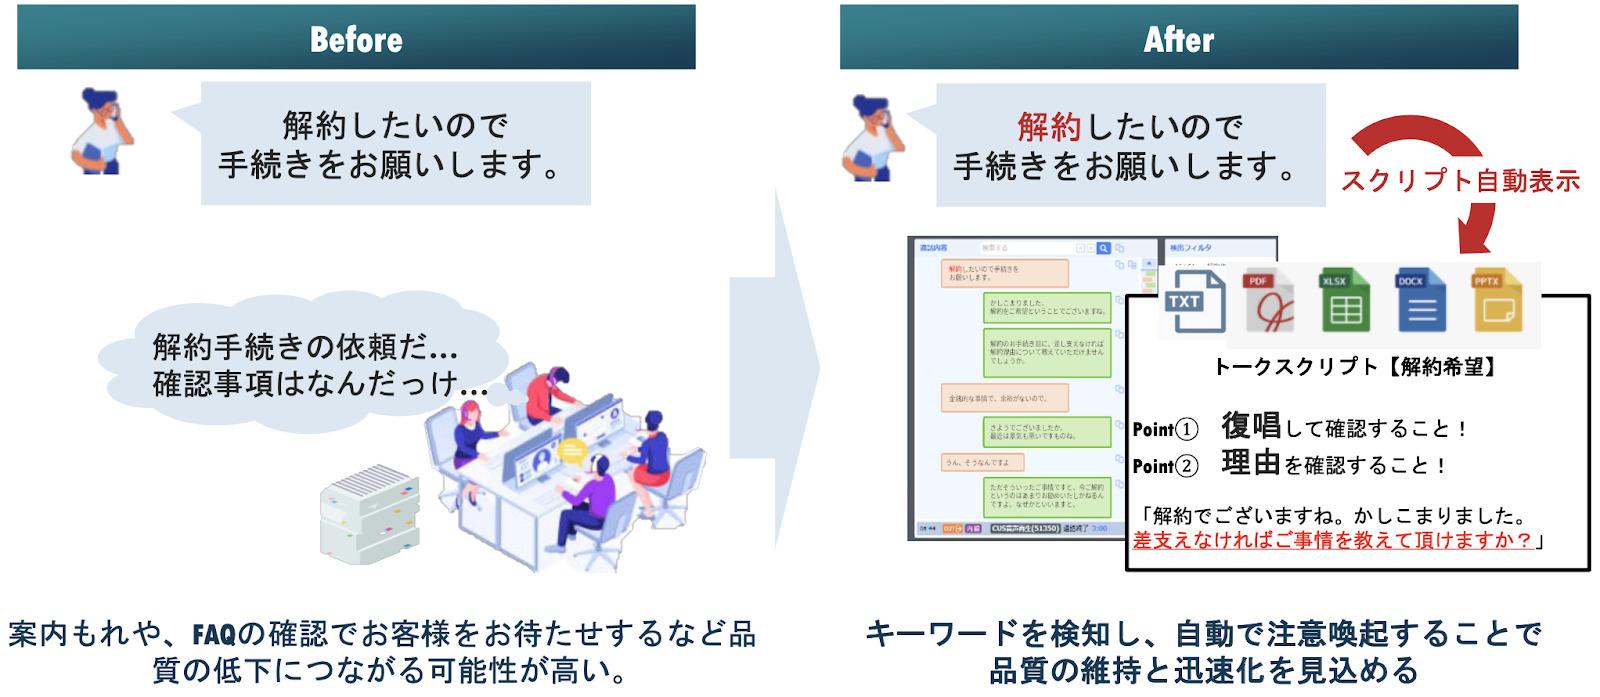 応対支援ツールの導入イメージ